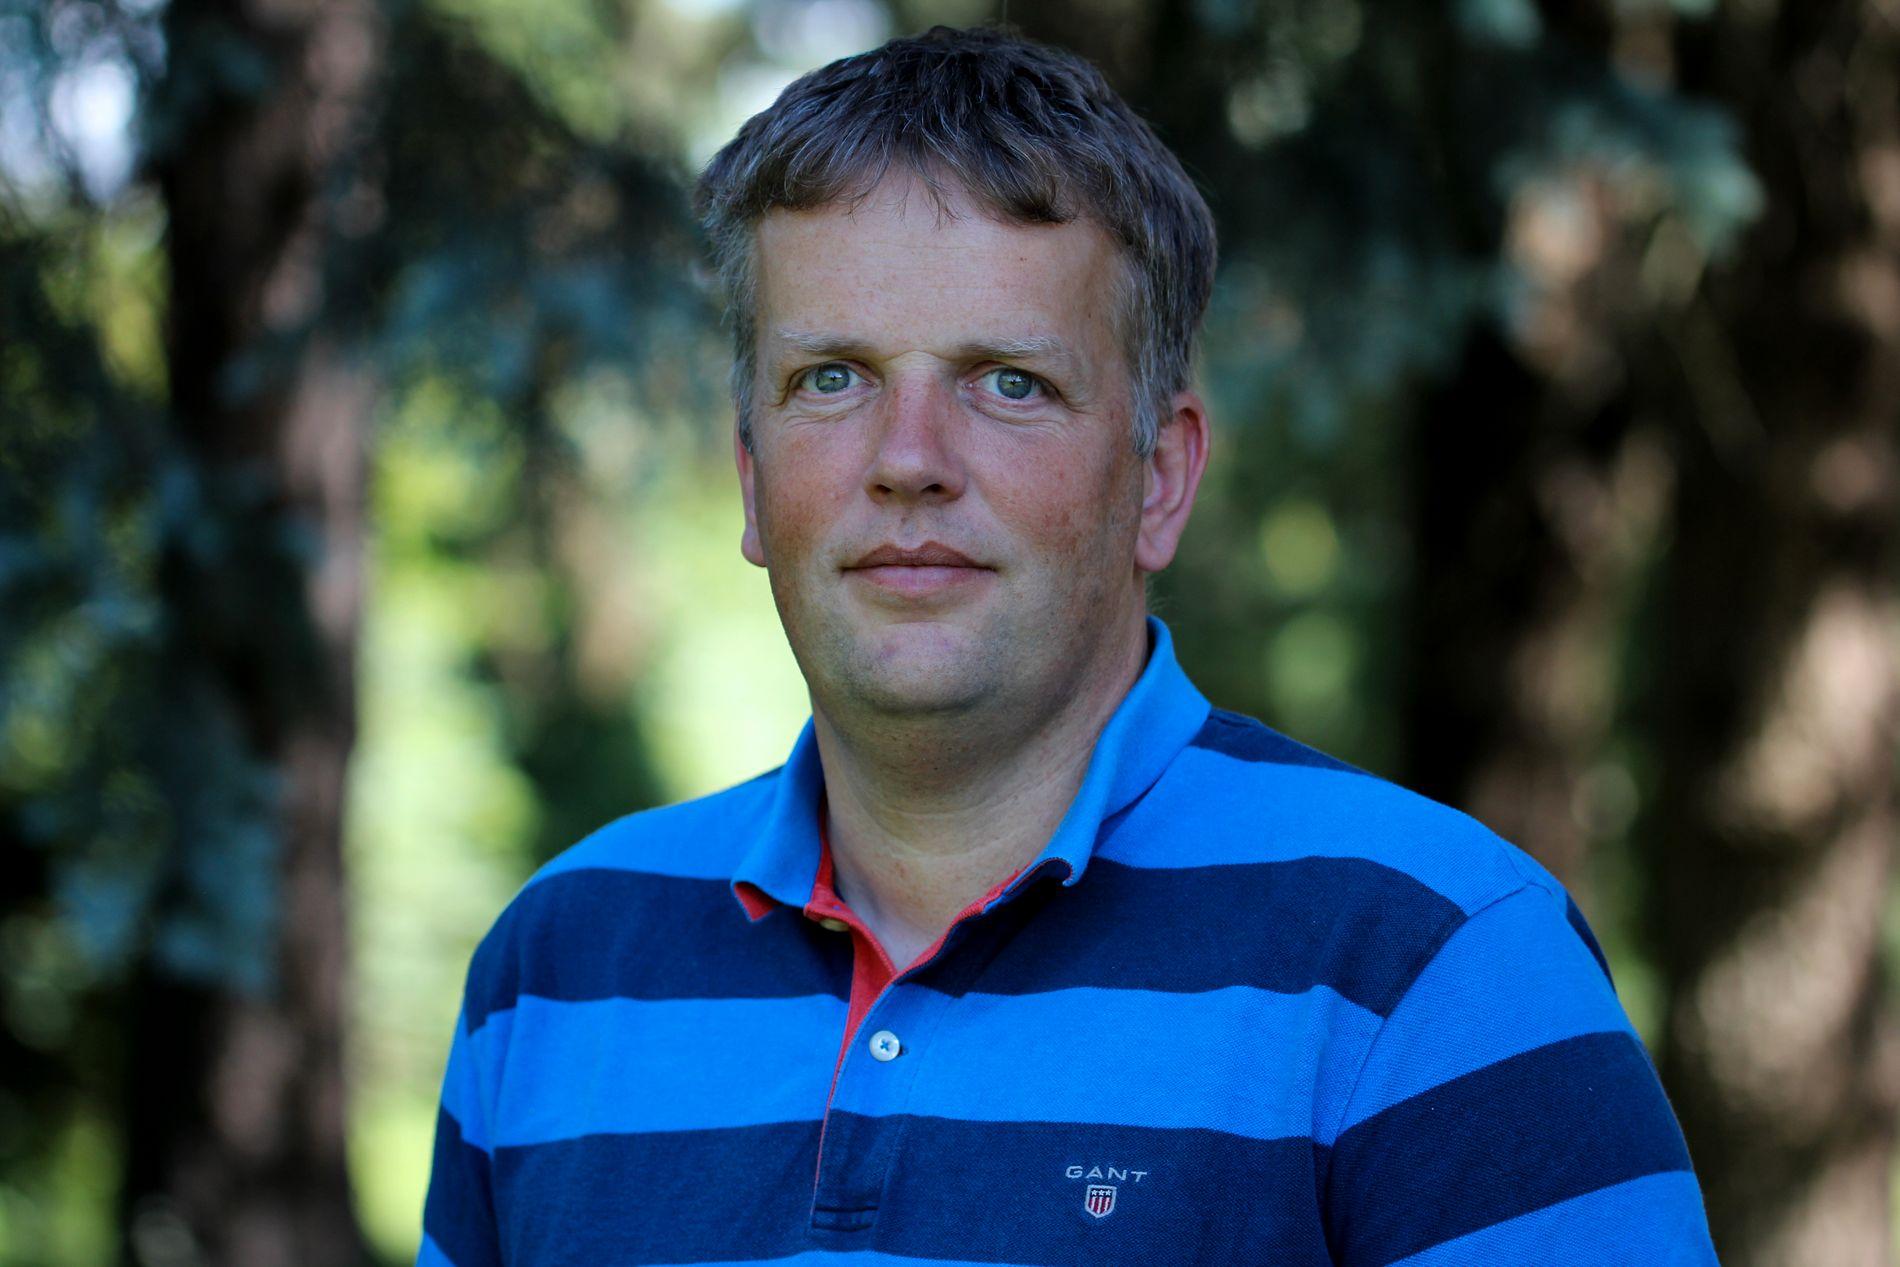 TROR PÅ 3 GRADER: Klimaforsker Hans Olav Hygen ved meteorologisk institutt tror den globale gjennomsnittstemperaturen vil øke med 3–4 grader med dagens utslipp.